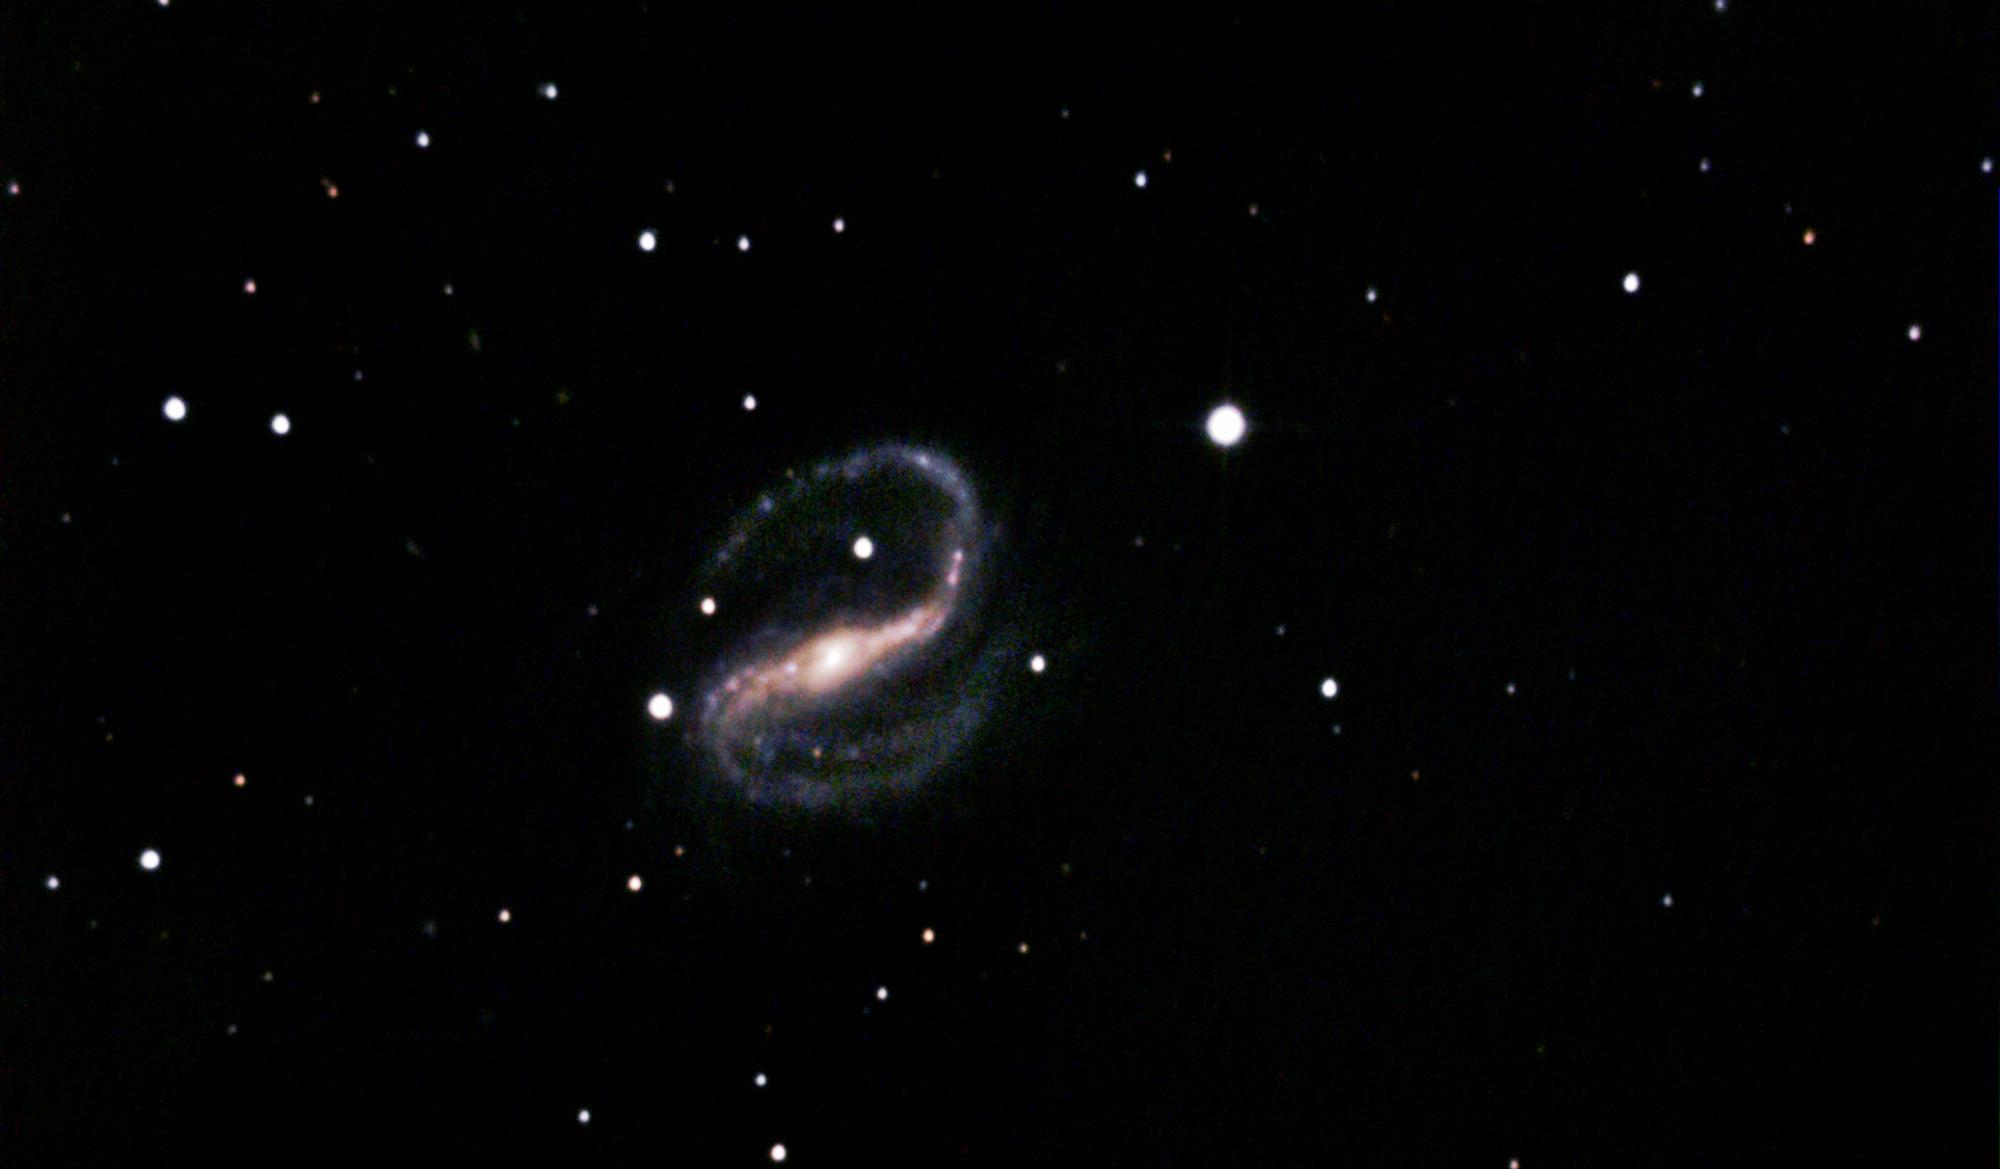 NGC-7479-Web.thumb.png.1a9973b405a60f493db72dcbdadfb41b.png